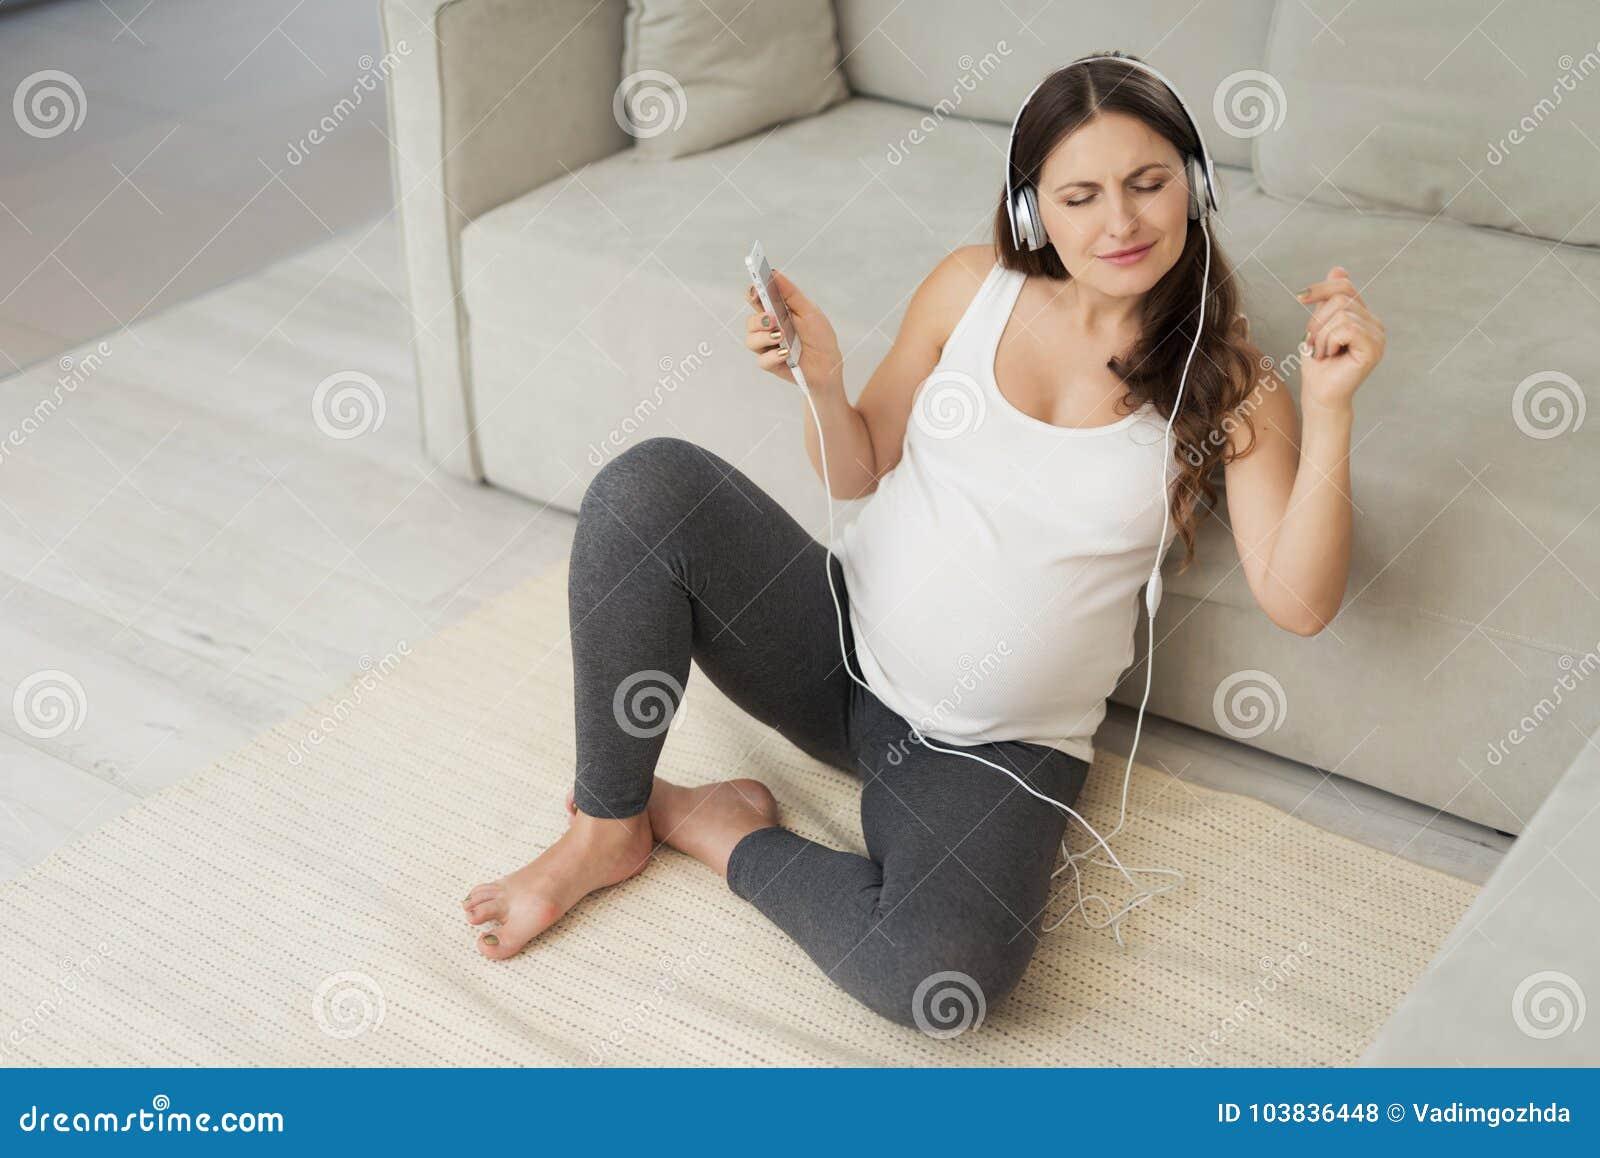 En gravid kvinna sitter på ett ljust golv hemma Hon bar hörlurar och lyssnade till musik